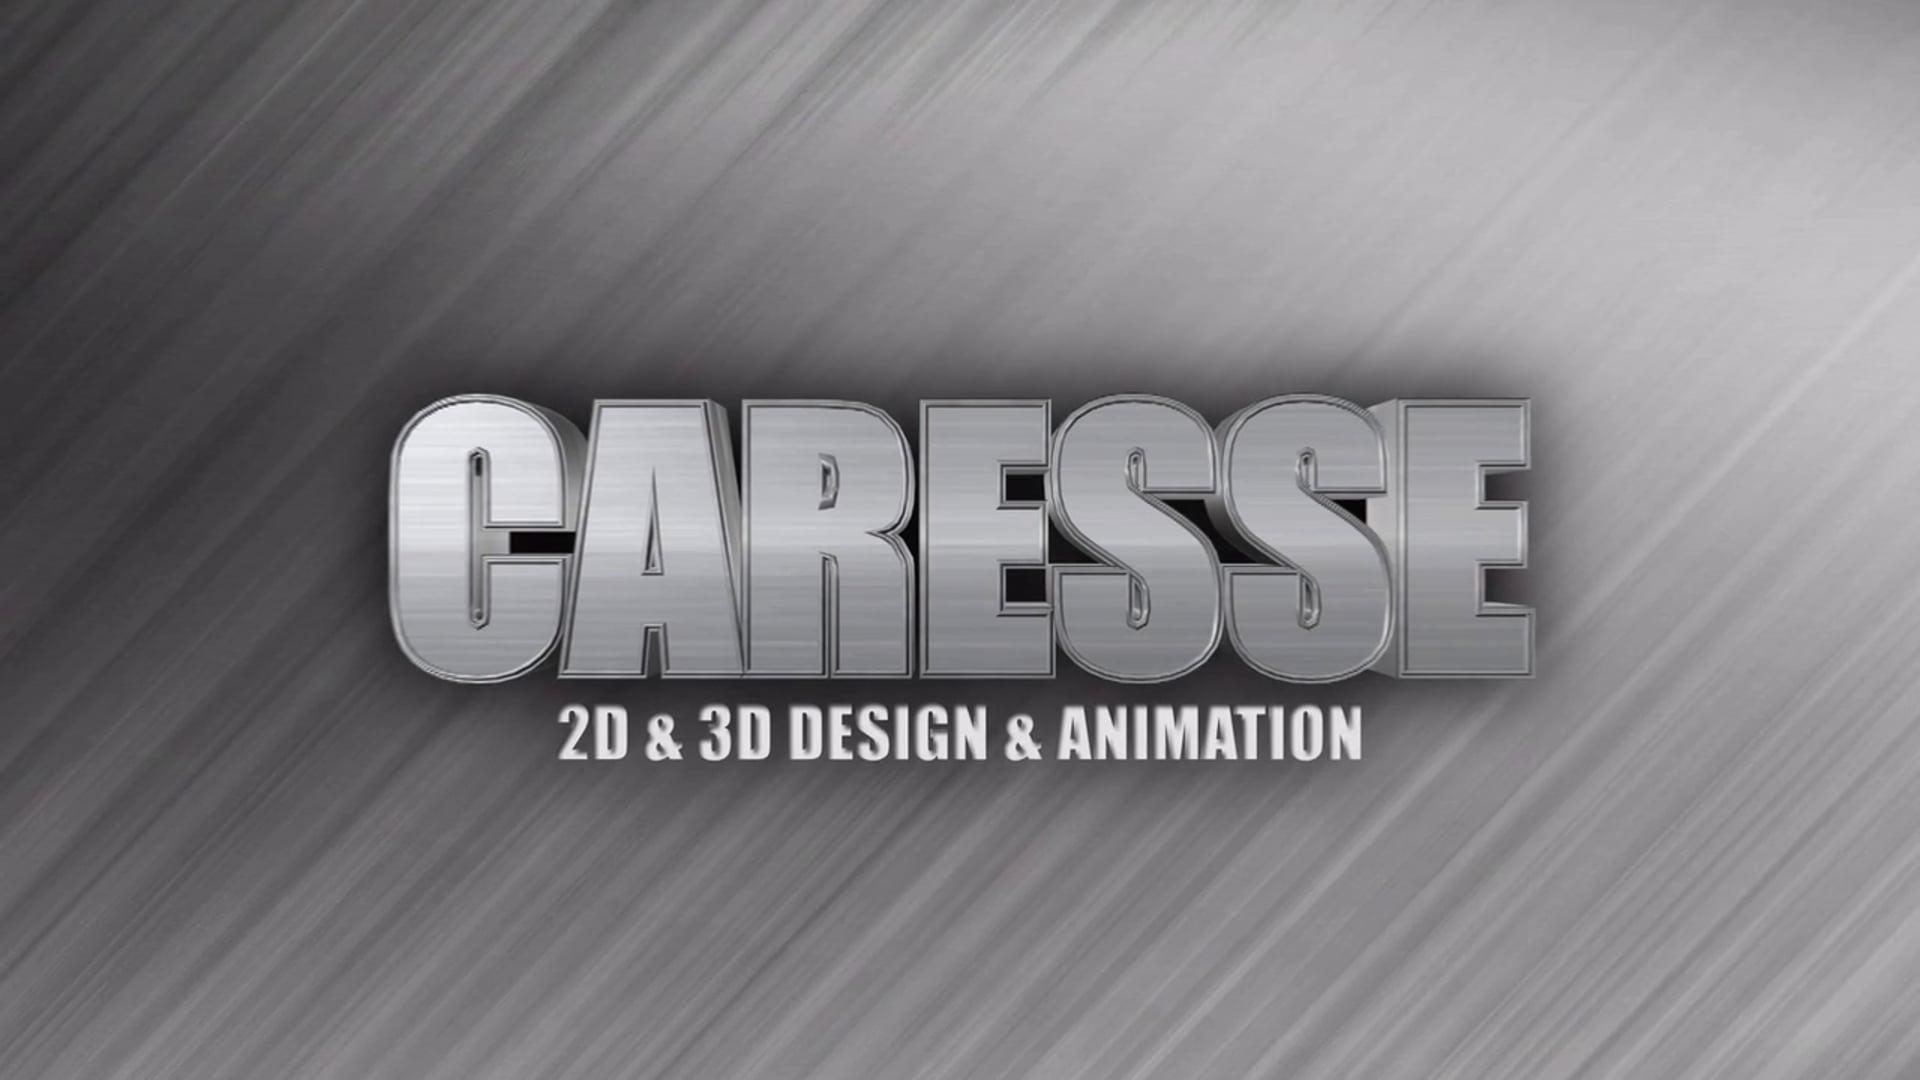 Caresse's 3D Reel